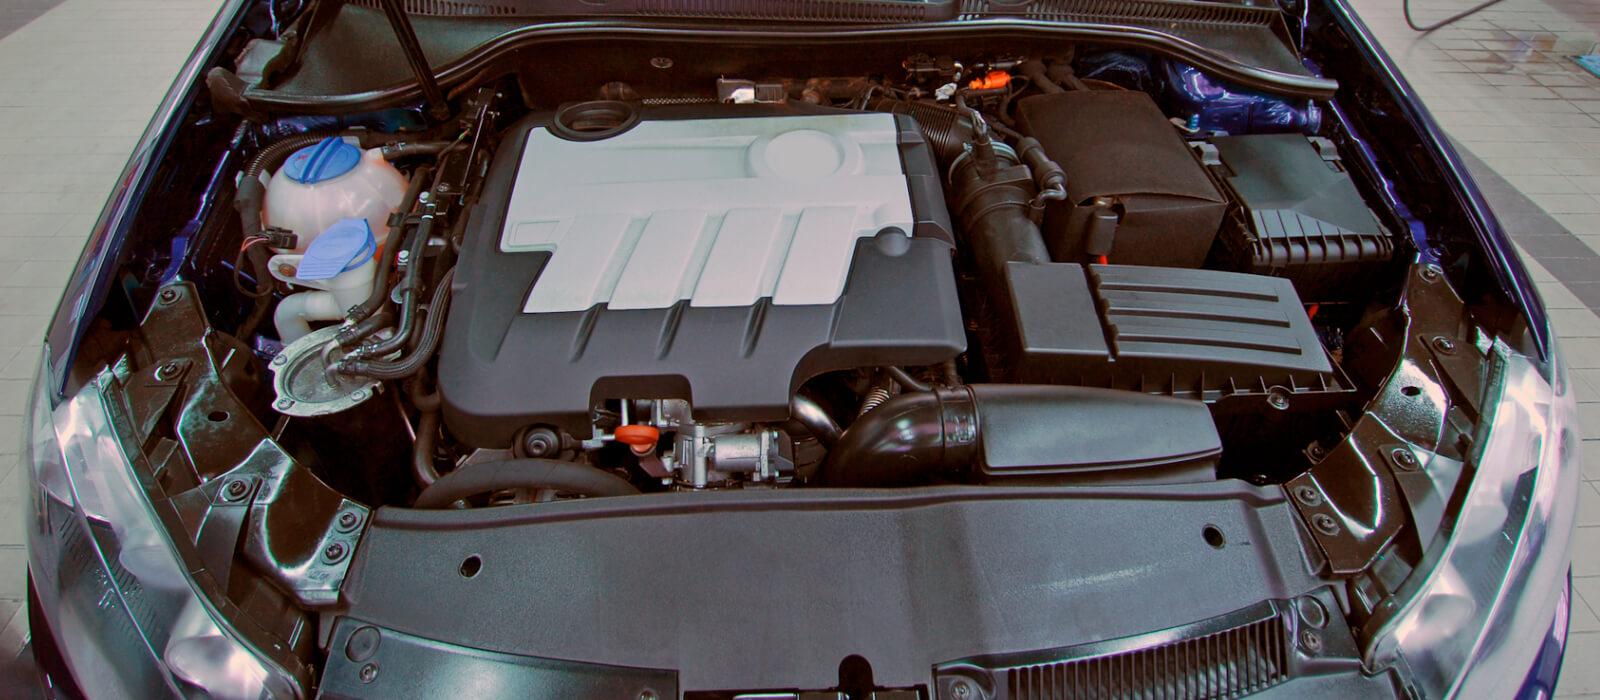 Spare Car Parts